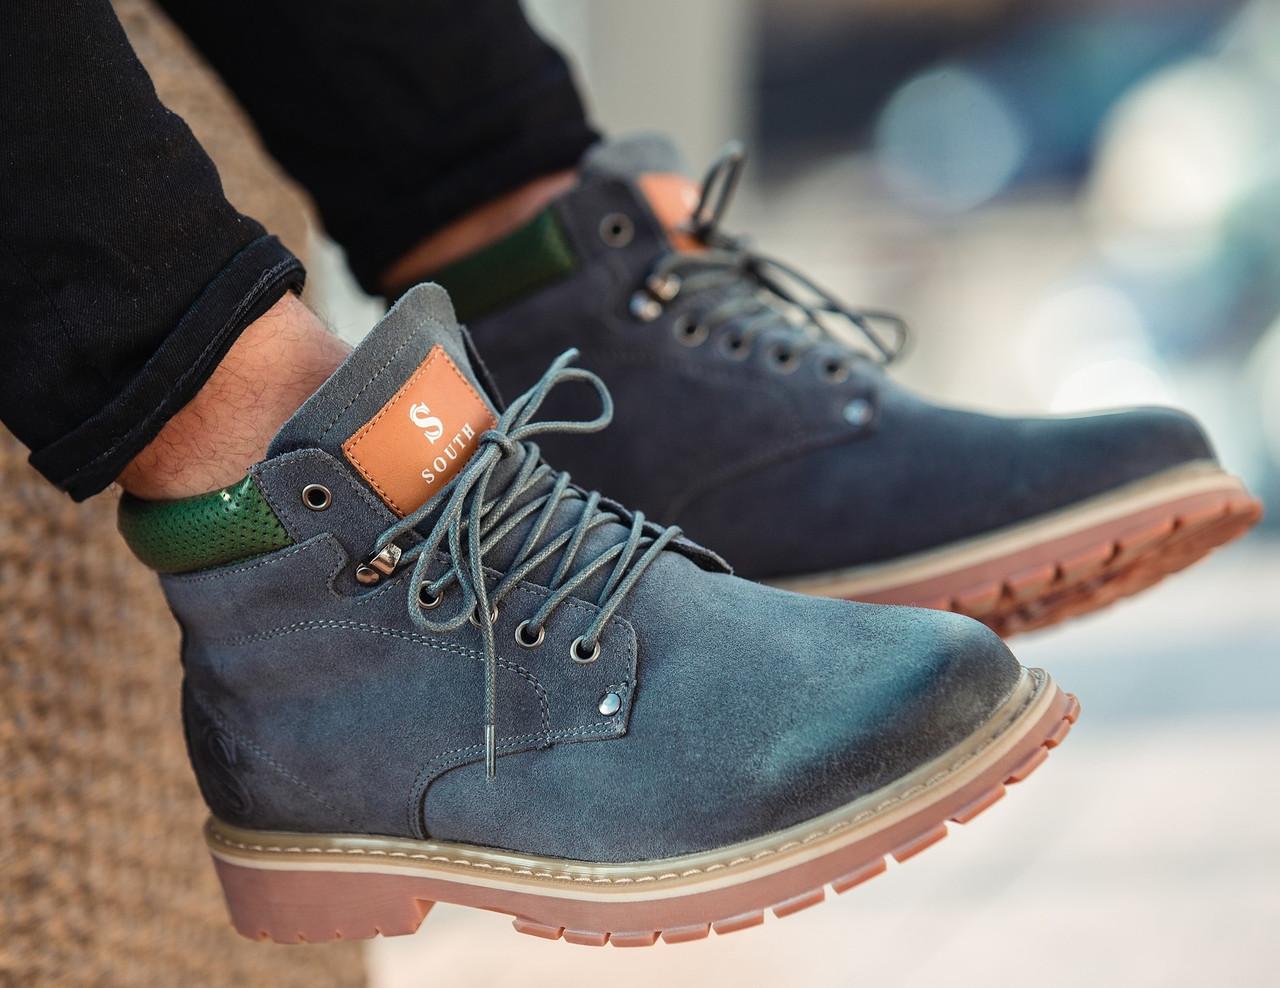 Ботинки мужские зимние нубуковые натуральный мех серые теплые модные  стильные от бренда South - Доберман шоп 5ace1781fca